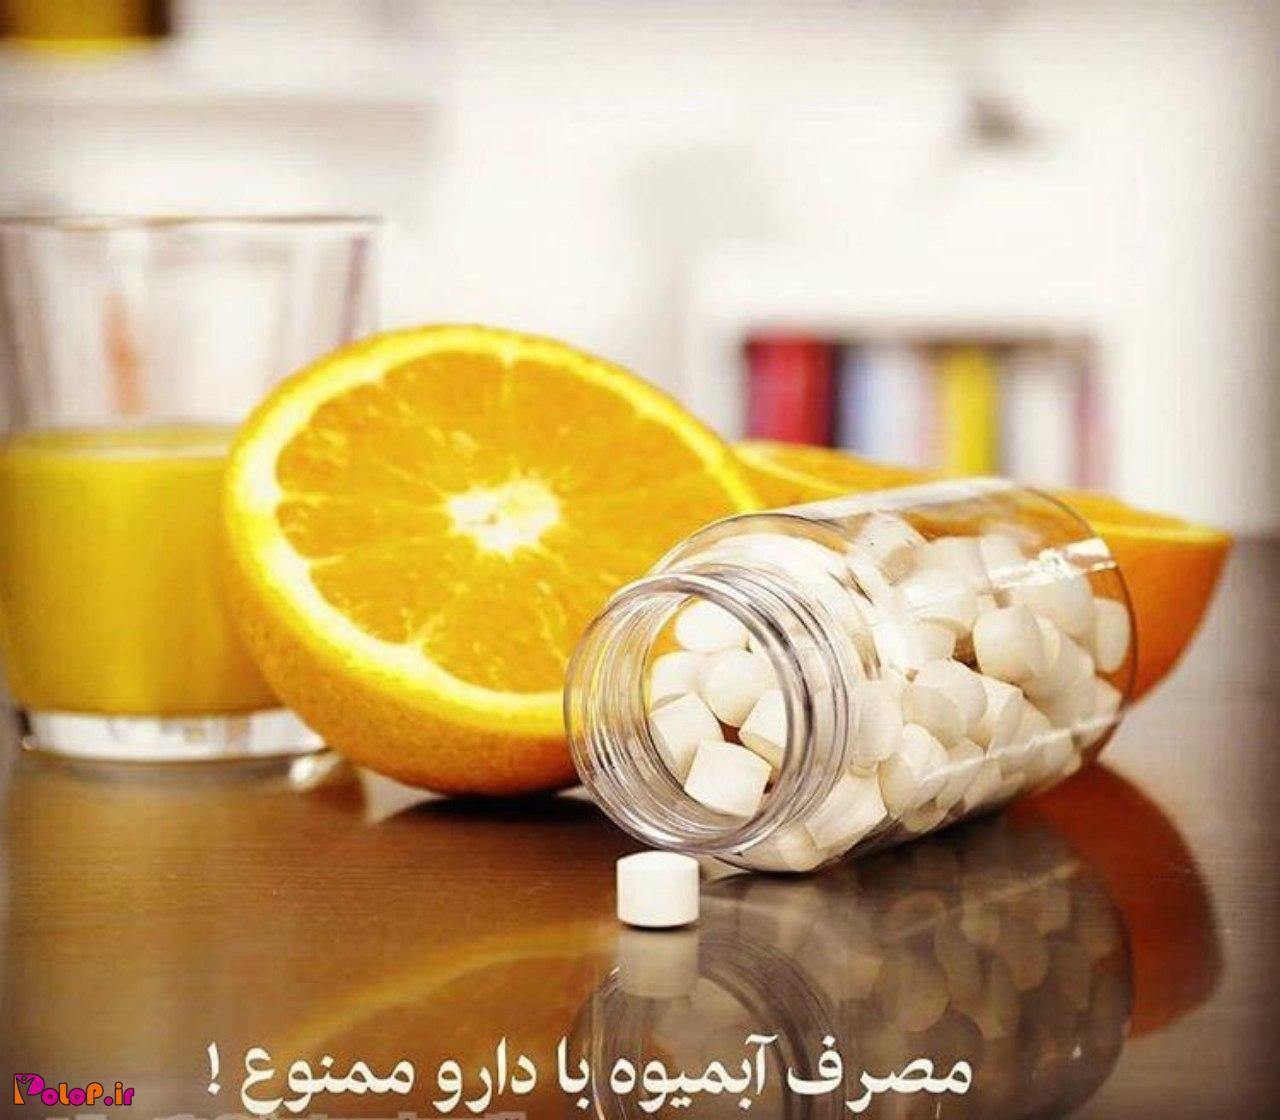 مصرف دارو با آب میوه ممنوع